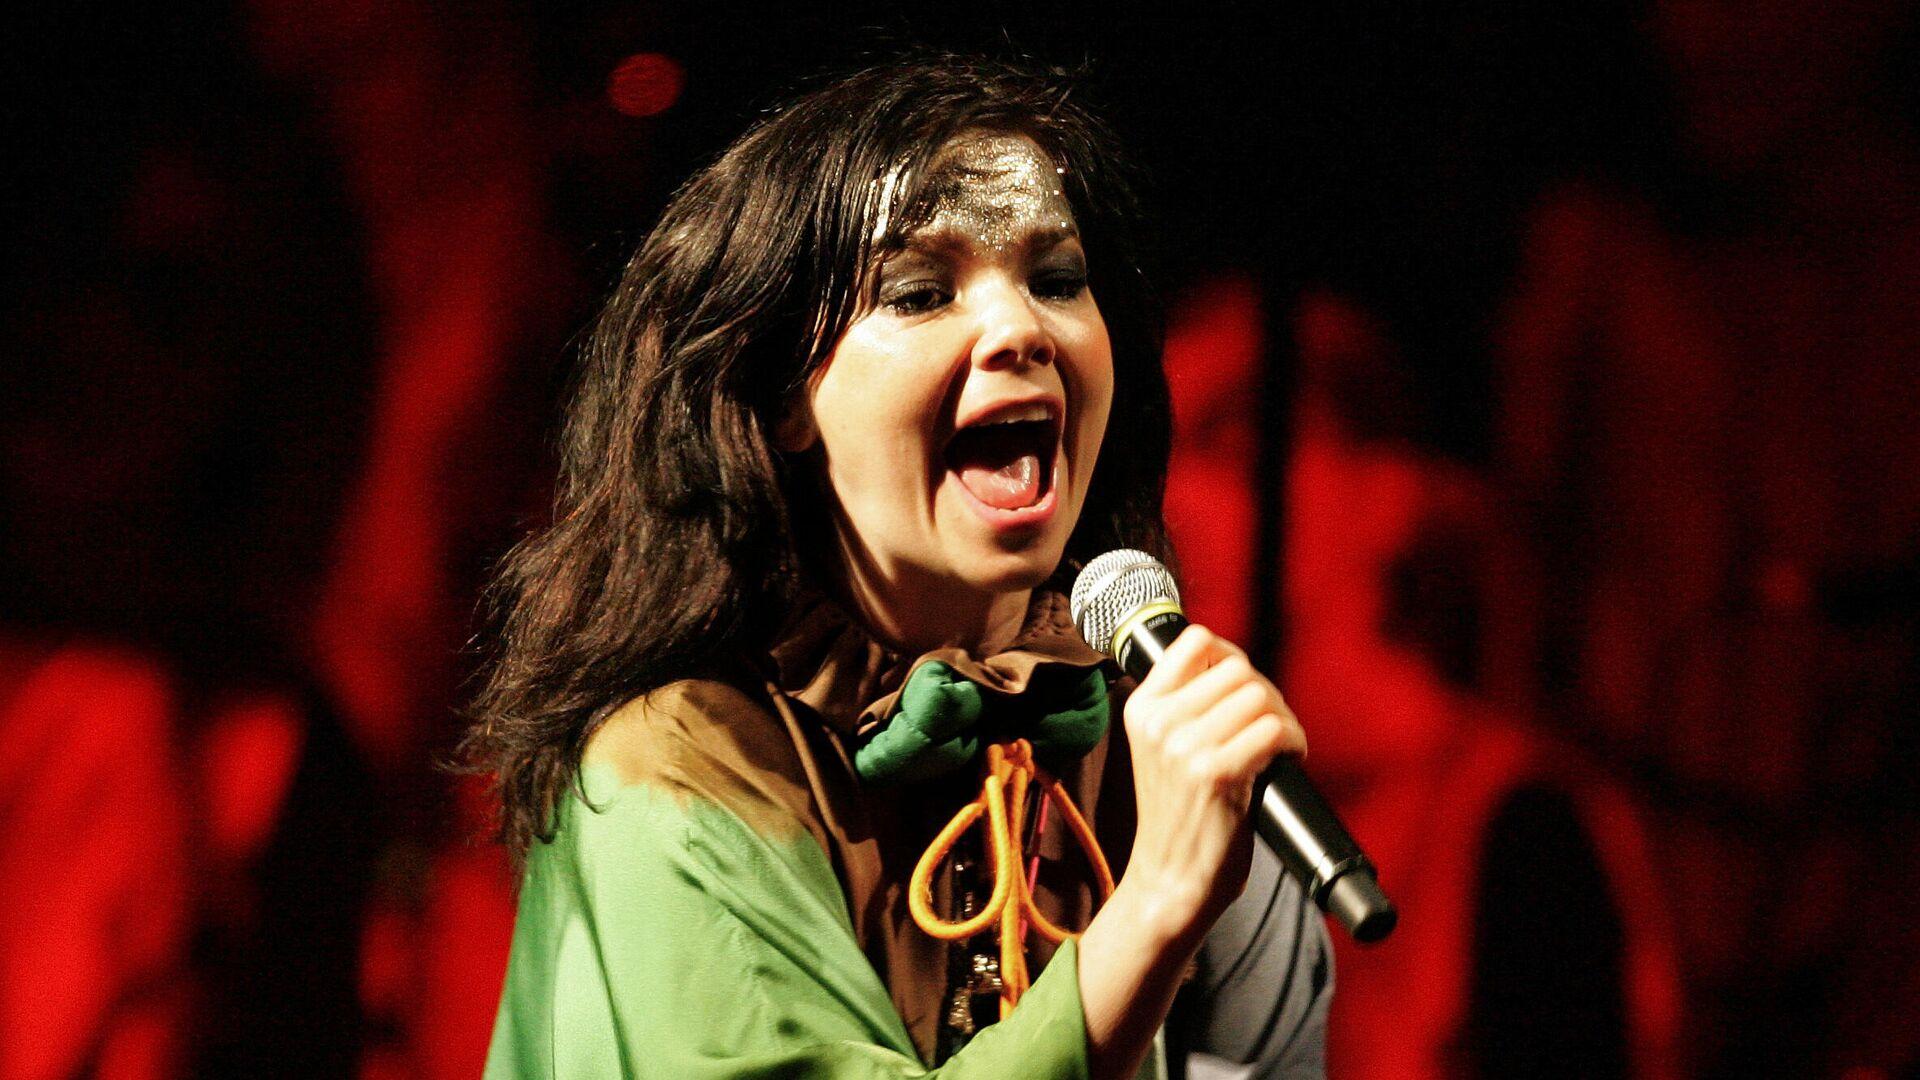 Певица Бьорк на концерте в Лиме, Перу. 2007 год  - РИА Новости, 1920, 21.11.2020